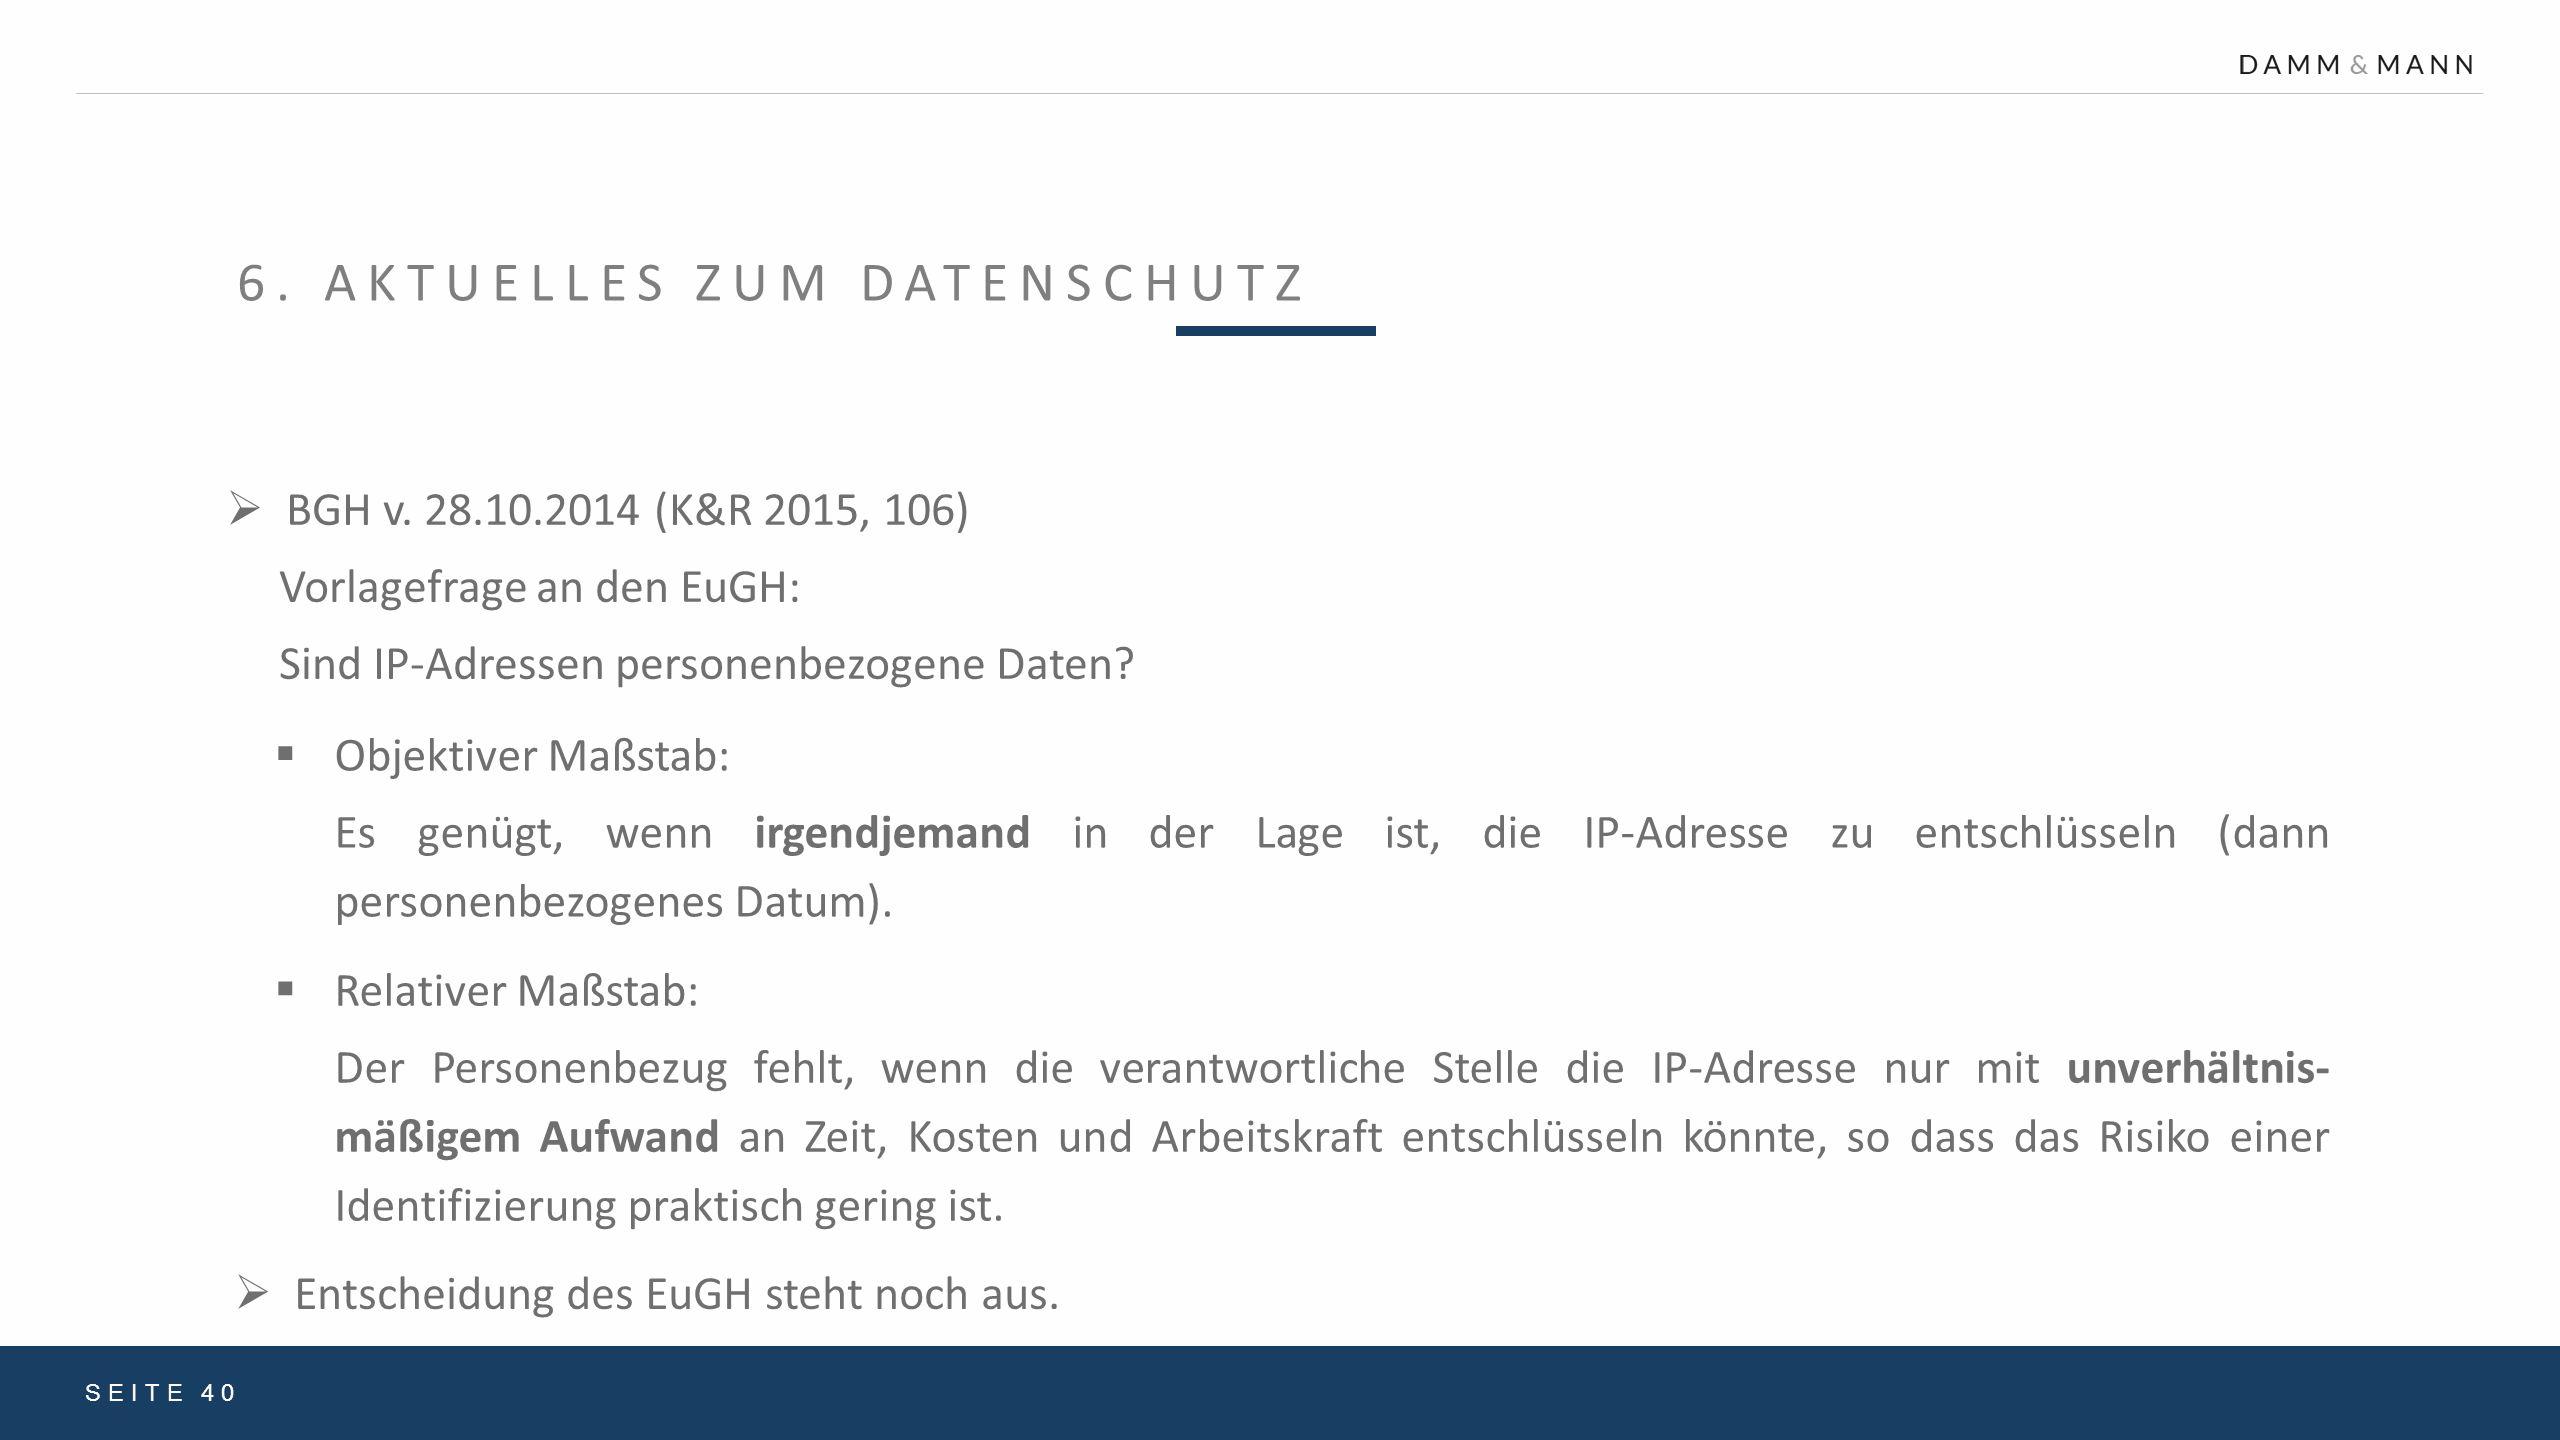 6. AKTUELLES ZUM DATENSCHUTZ SEITE 40  BGH v. 28.10.2014 (K&R 2015, 106) Vorlagefrage an den EuGH: Sind IP-Adressen personenbezogene Daten?  Objekti